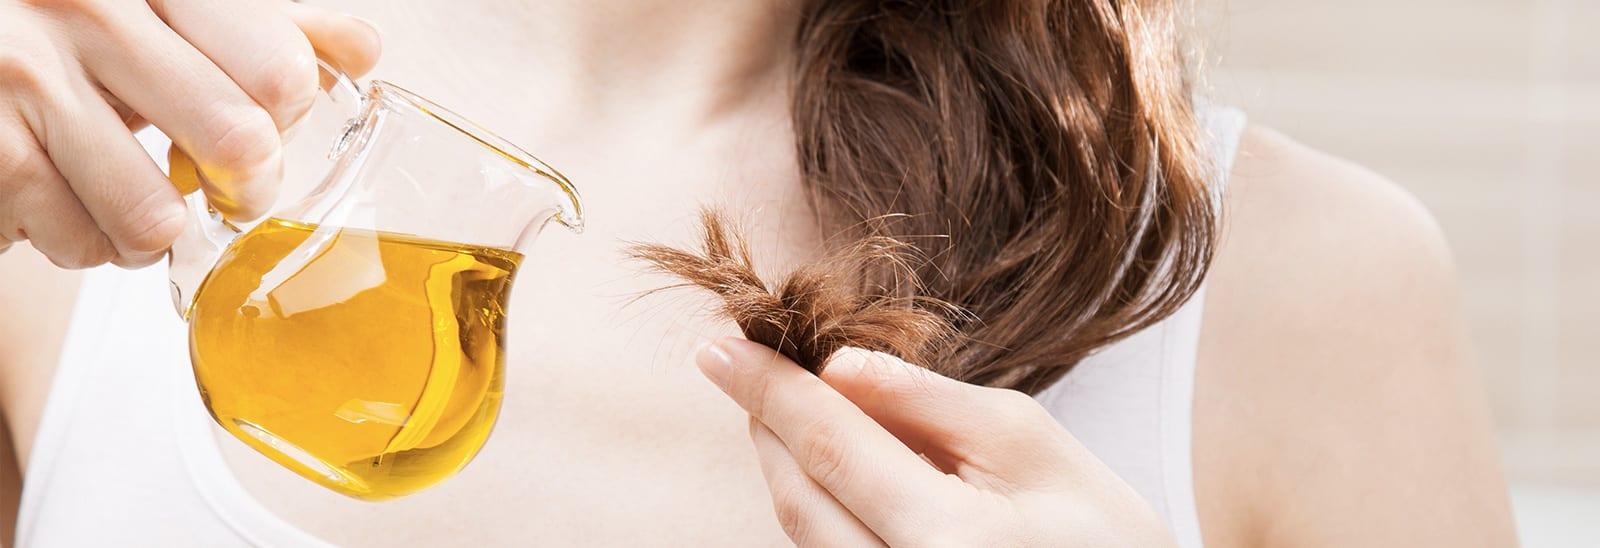 Capelli secchi e sfibrati: cause e 6 rimedi naturali efficaci